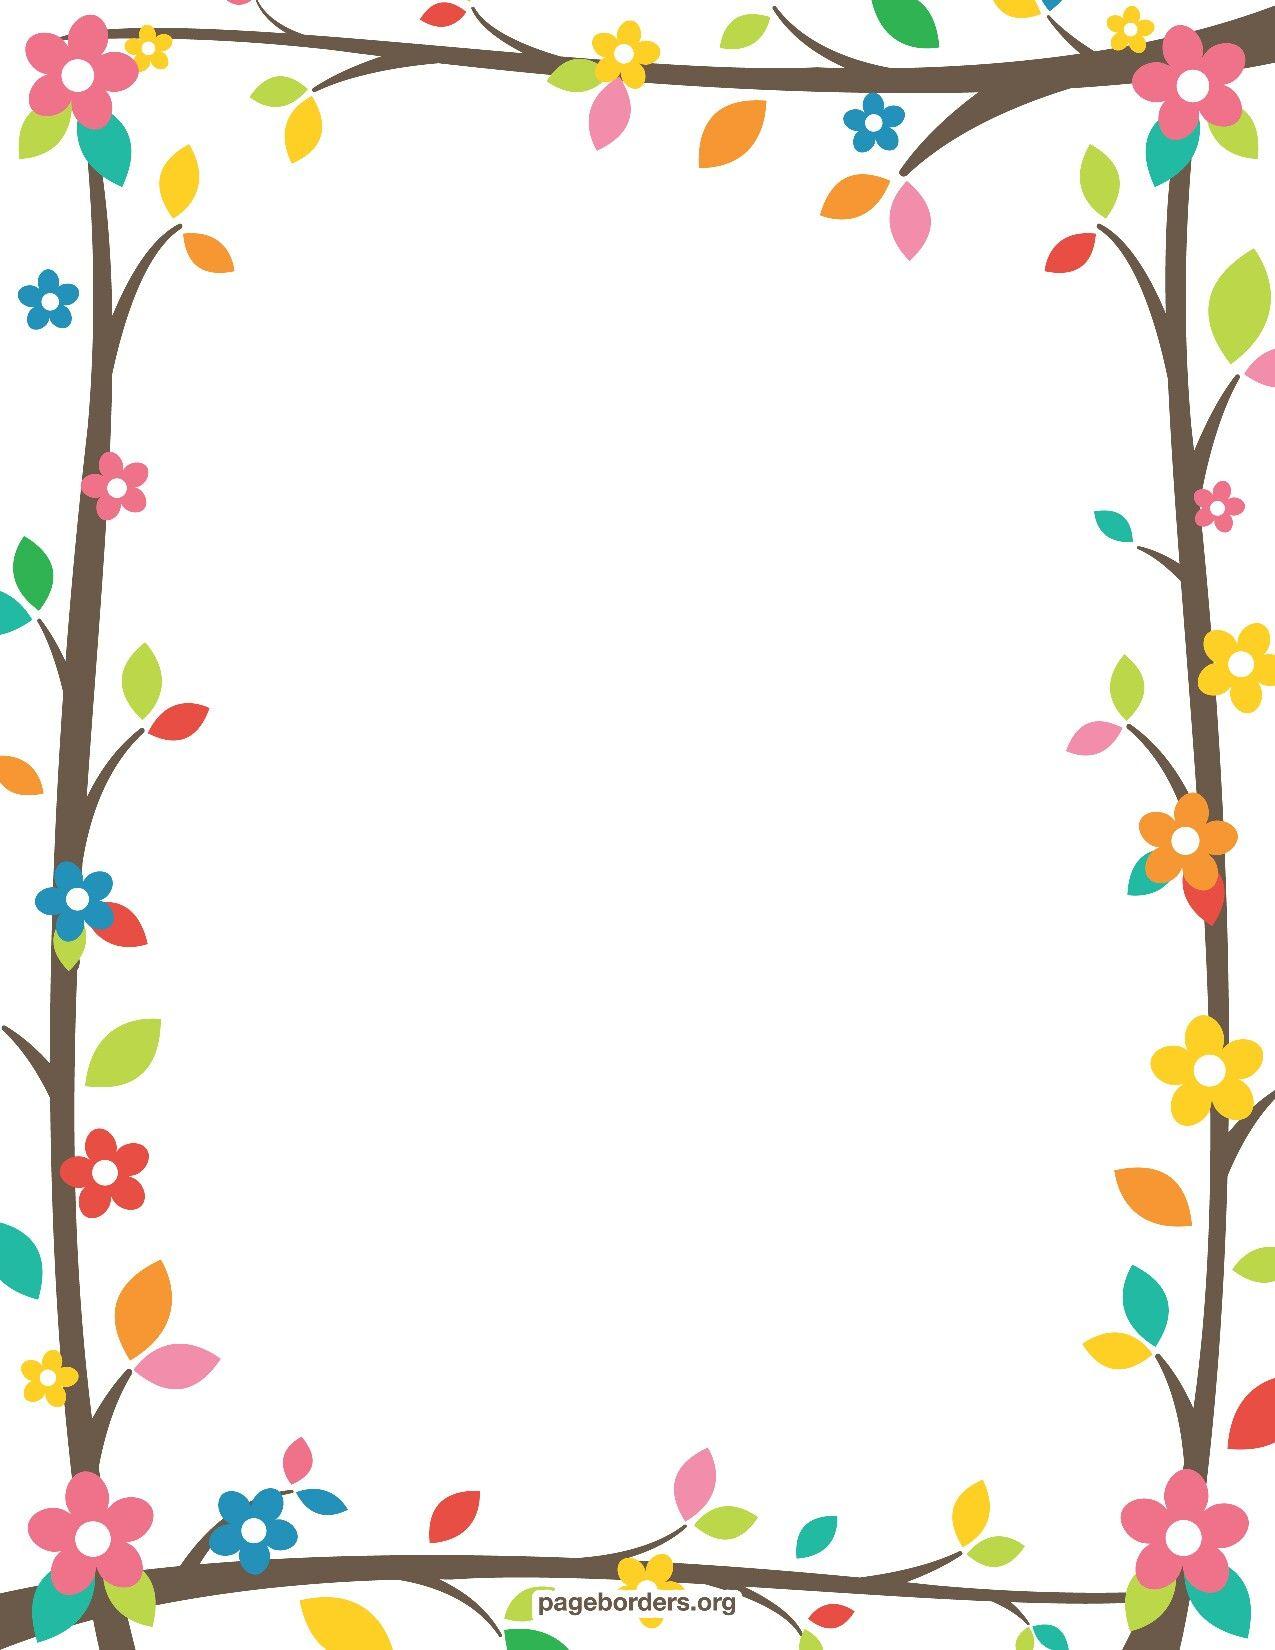 Resultado De Imagen Para Free Printable Border Designs For Paper - Free Printable Page Borders